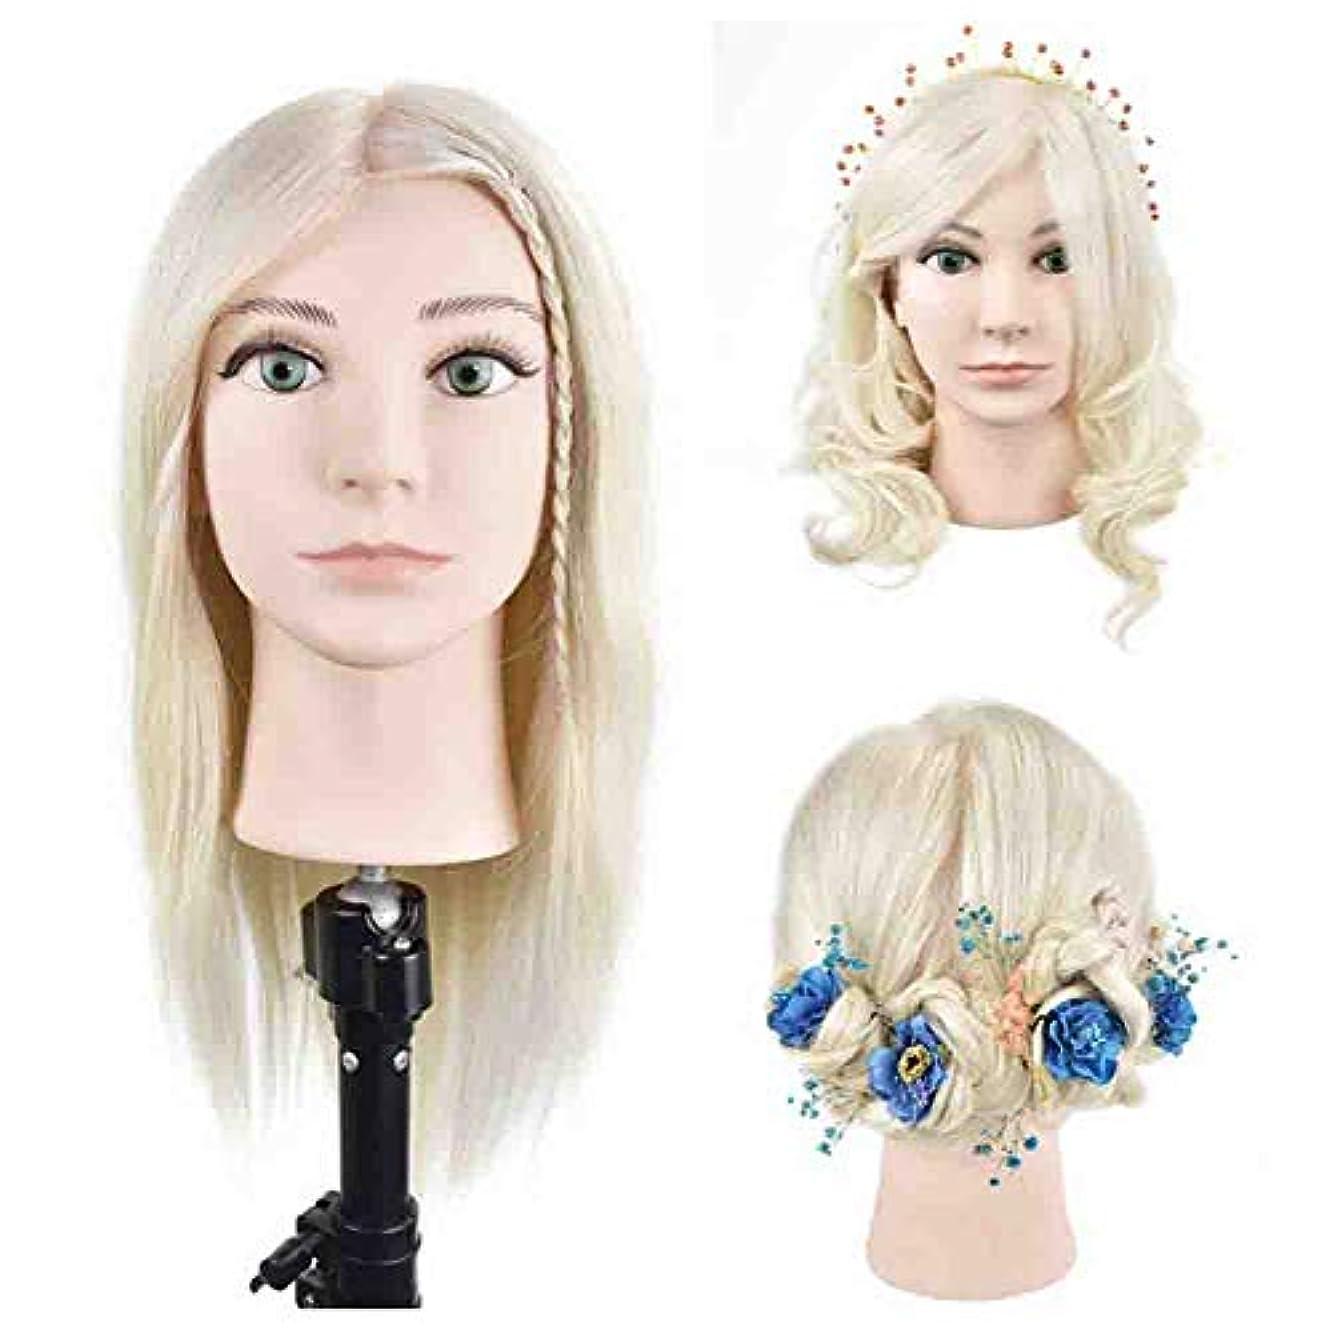 ドル建物相反するサロン散髪練習ヘッドモデルメイク学校編組髪開発学習モデルヘッドヘアストレートロングかつら